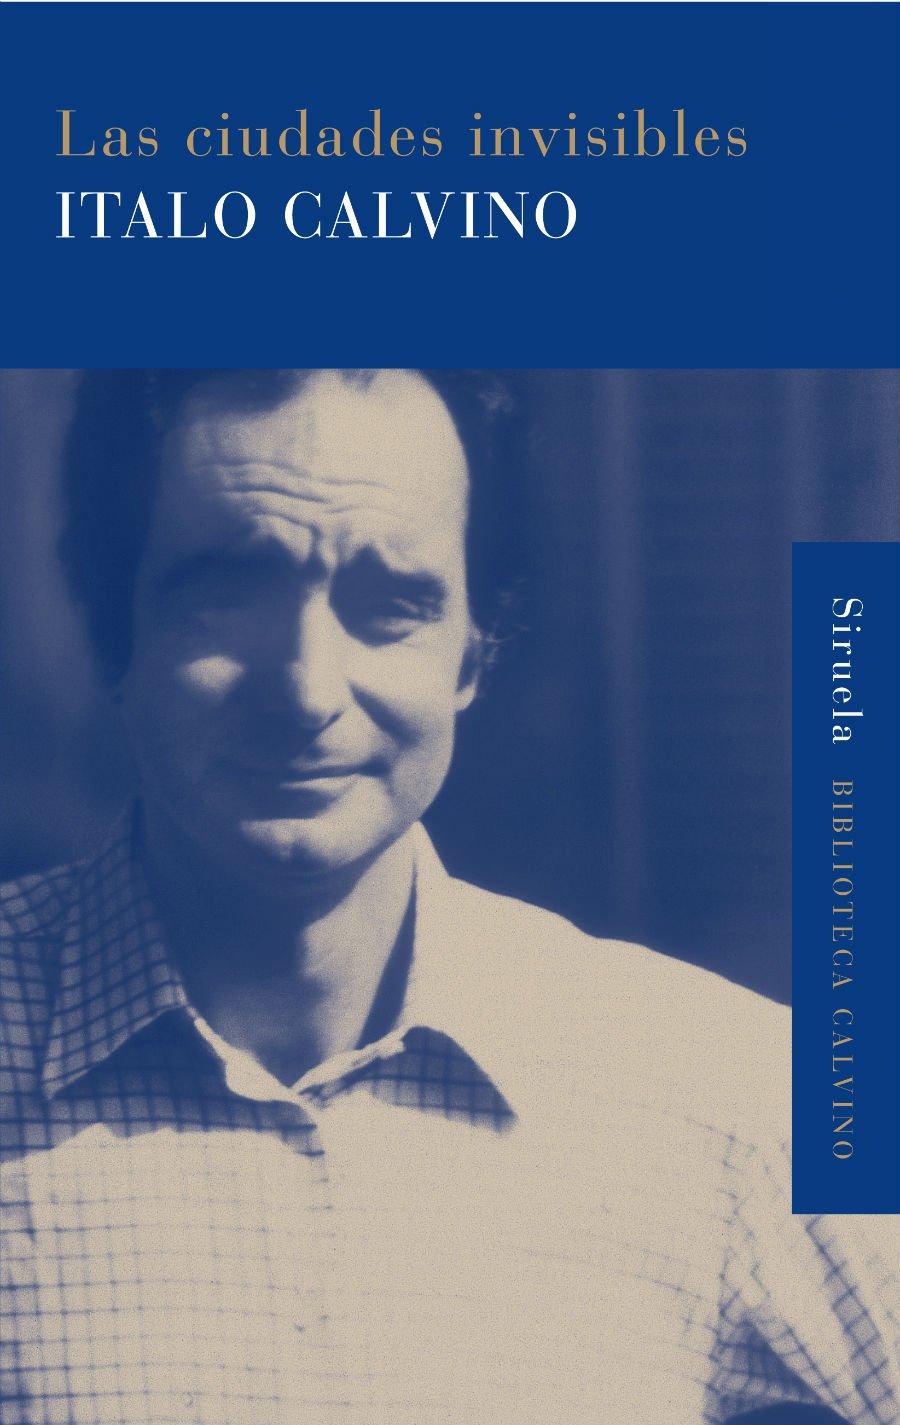 Las ciudades invisibles de Italo Calvino